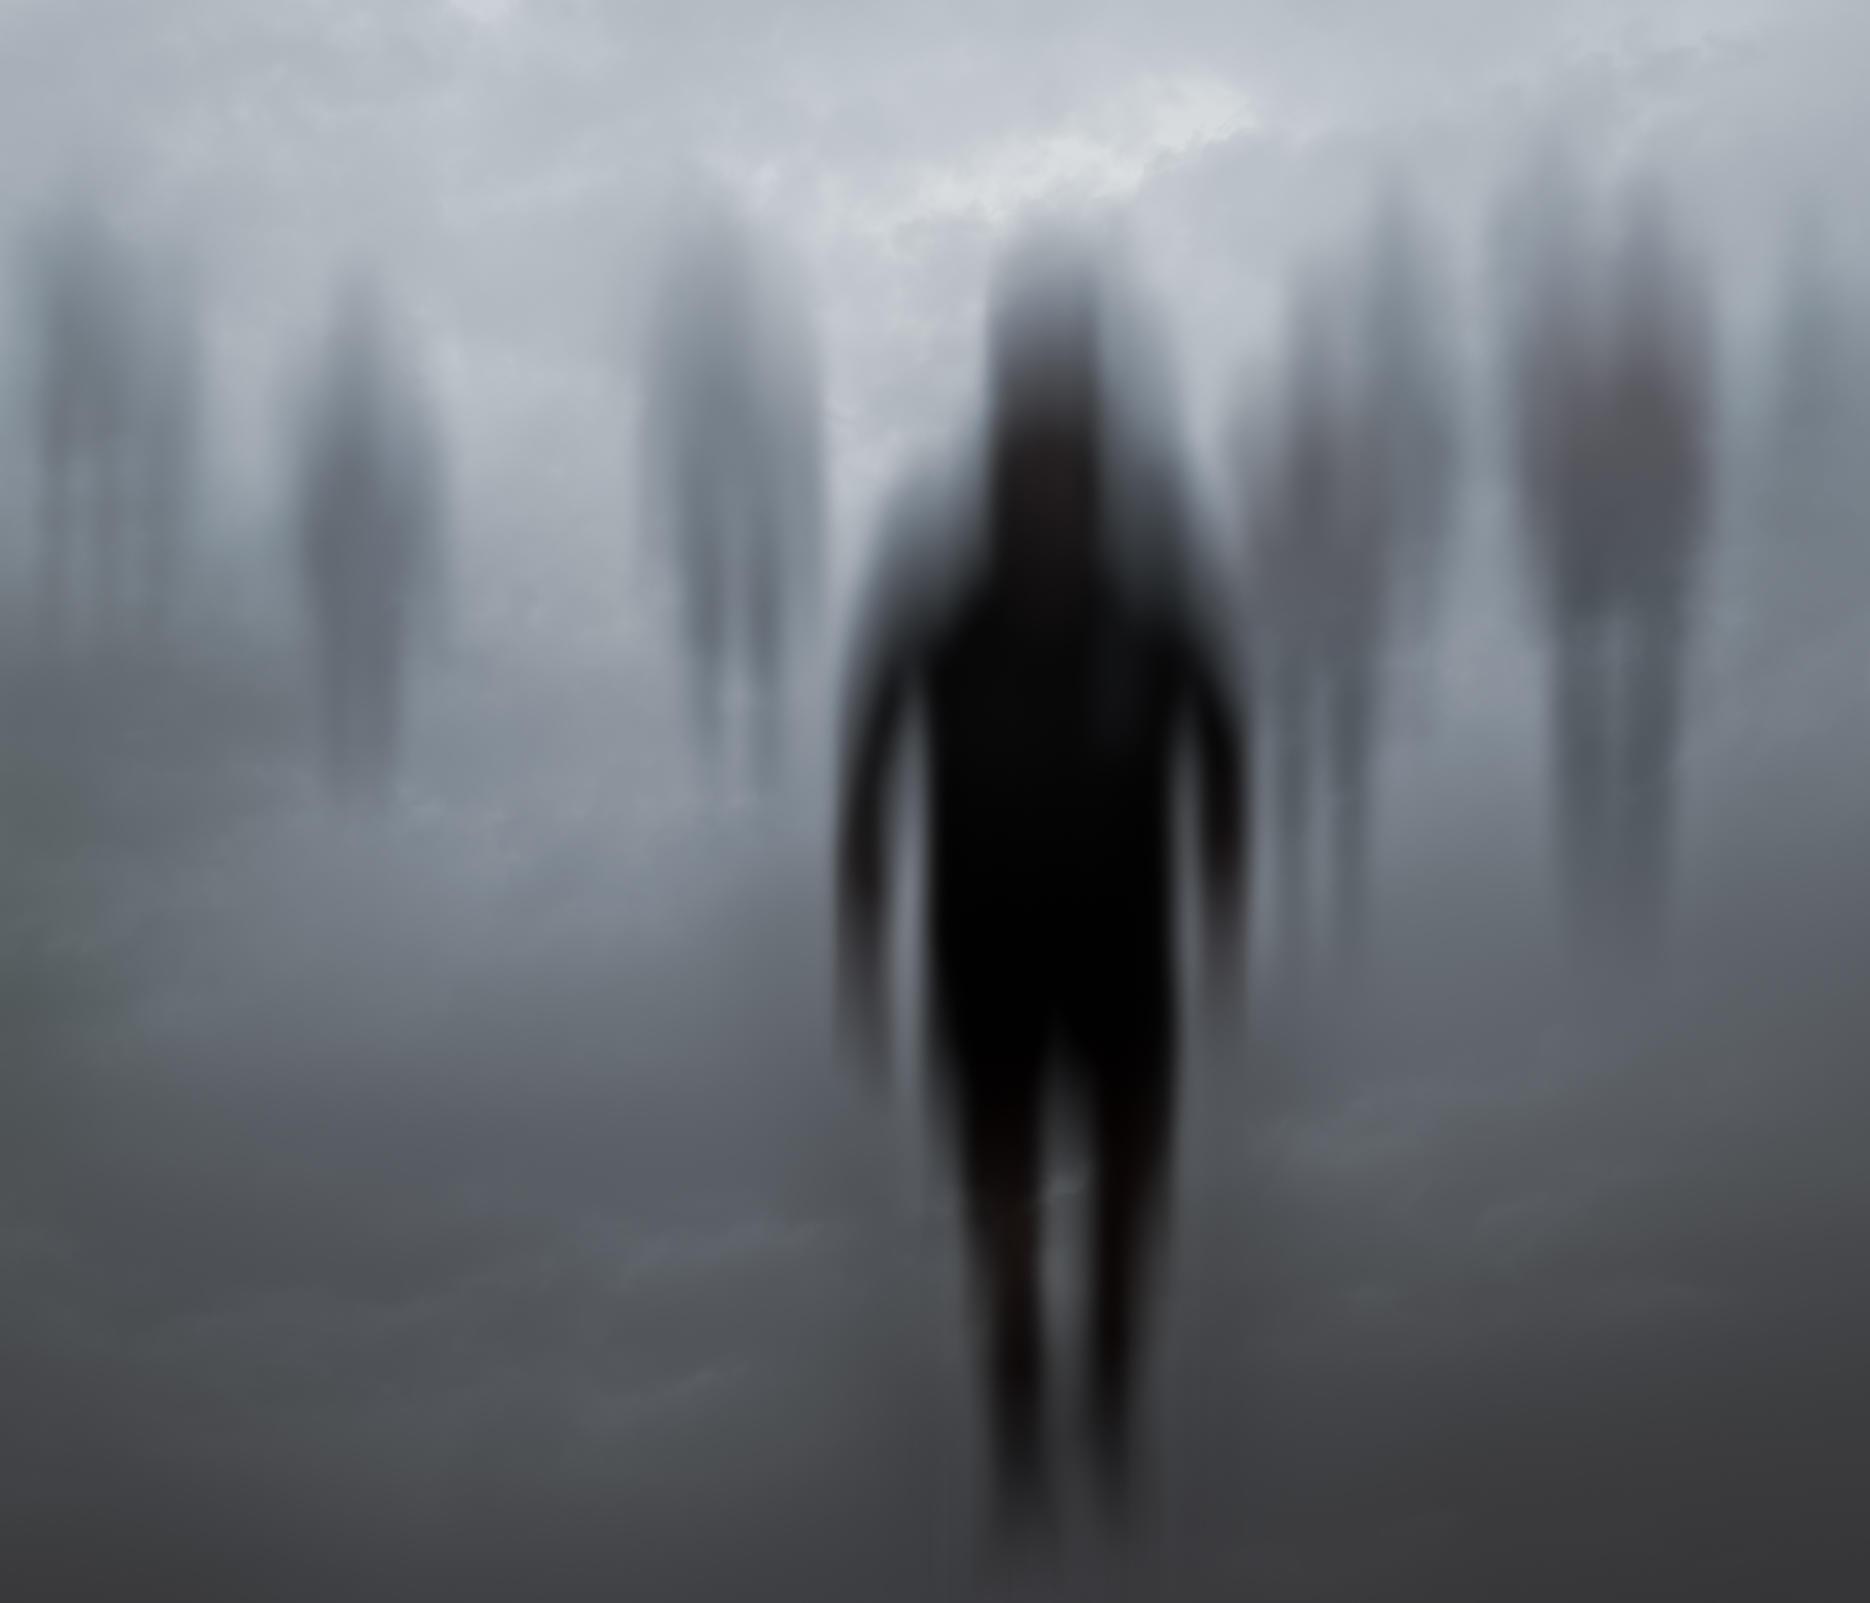 szellemek.jpg